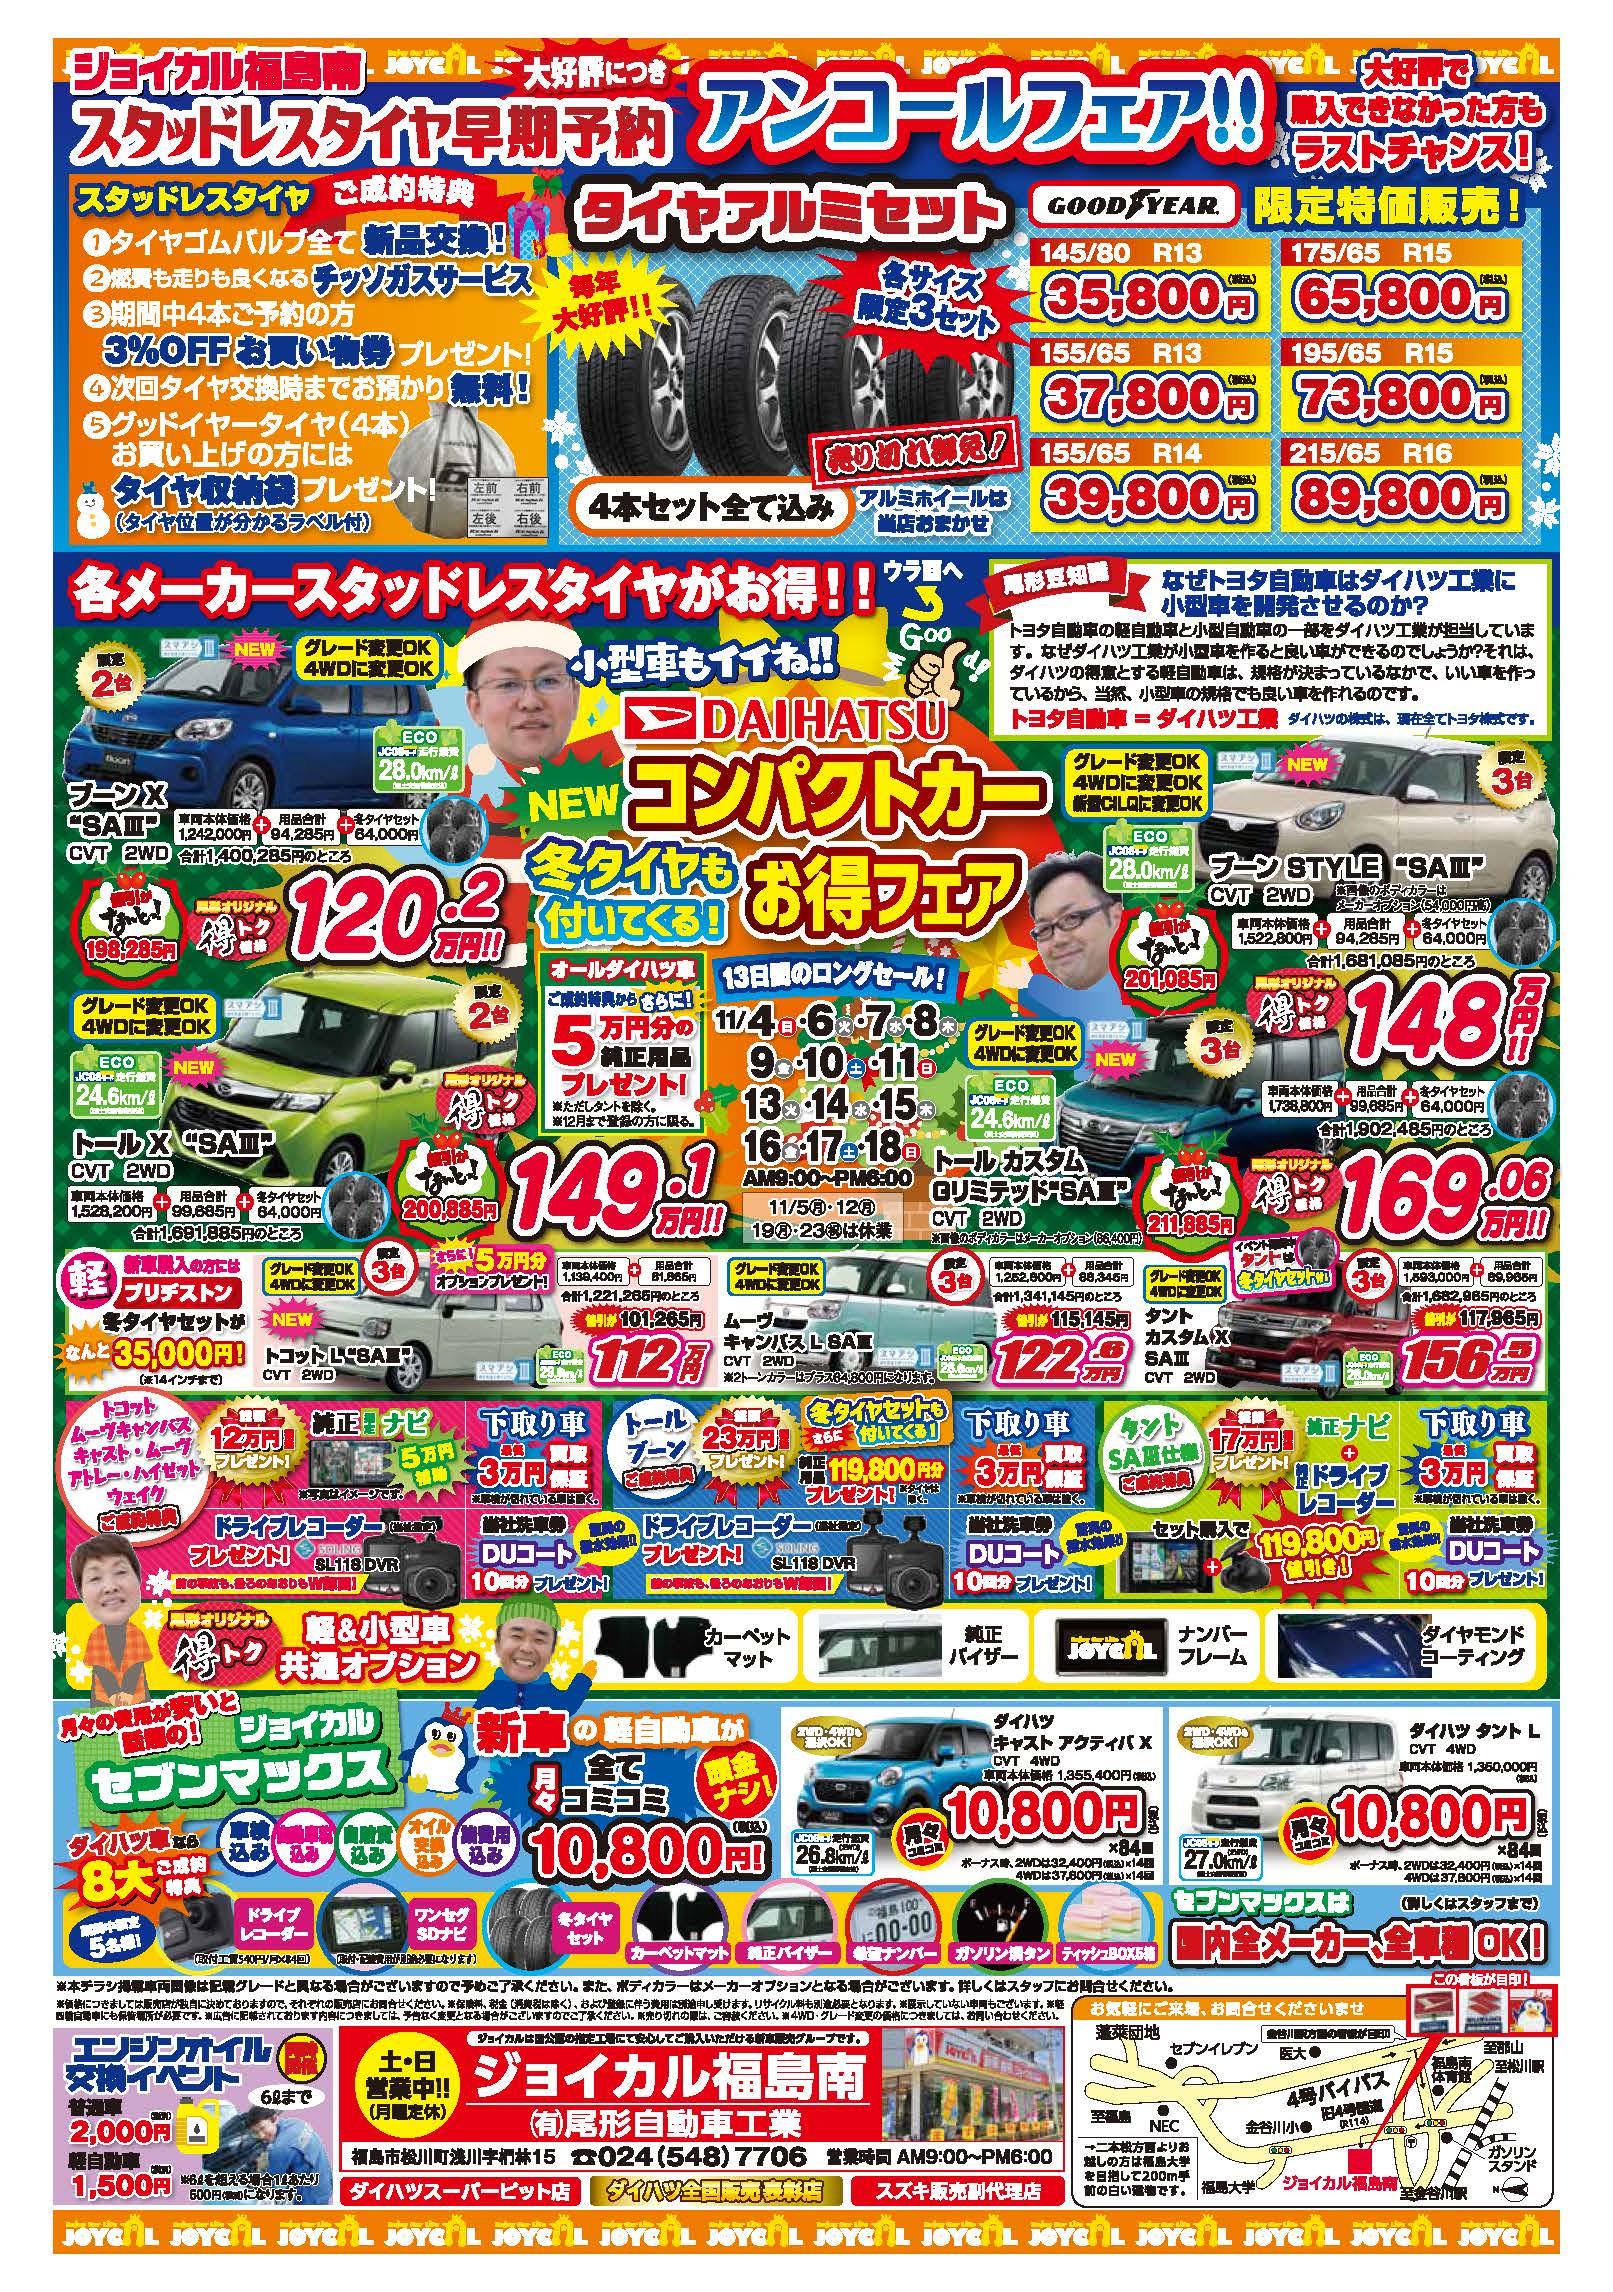 大好評アンコールイベント!!【スタッドレスタイヤ予約会】 有限会社尾形自動車工業